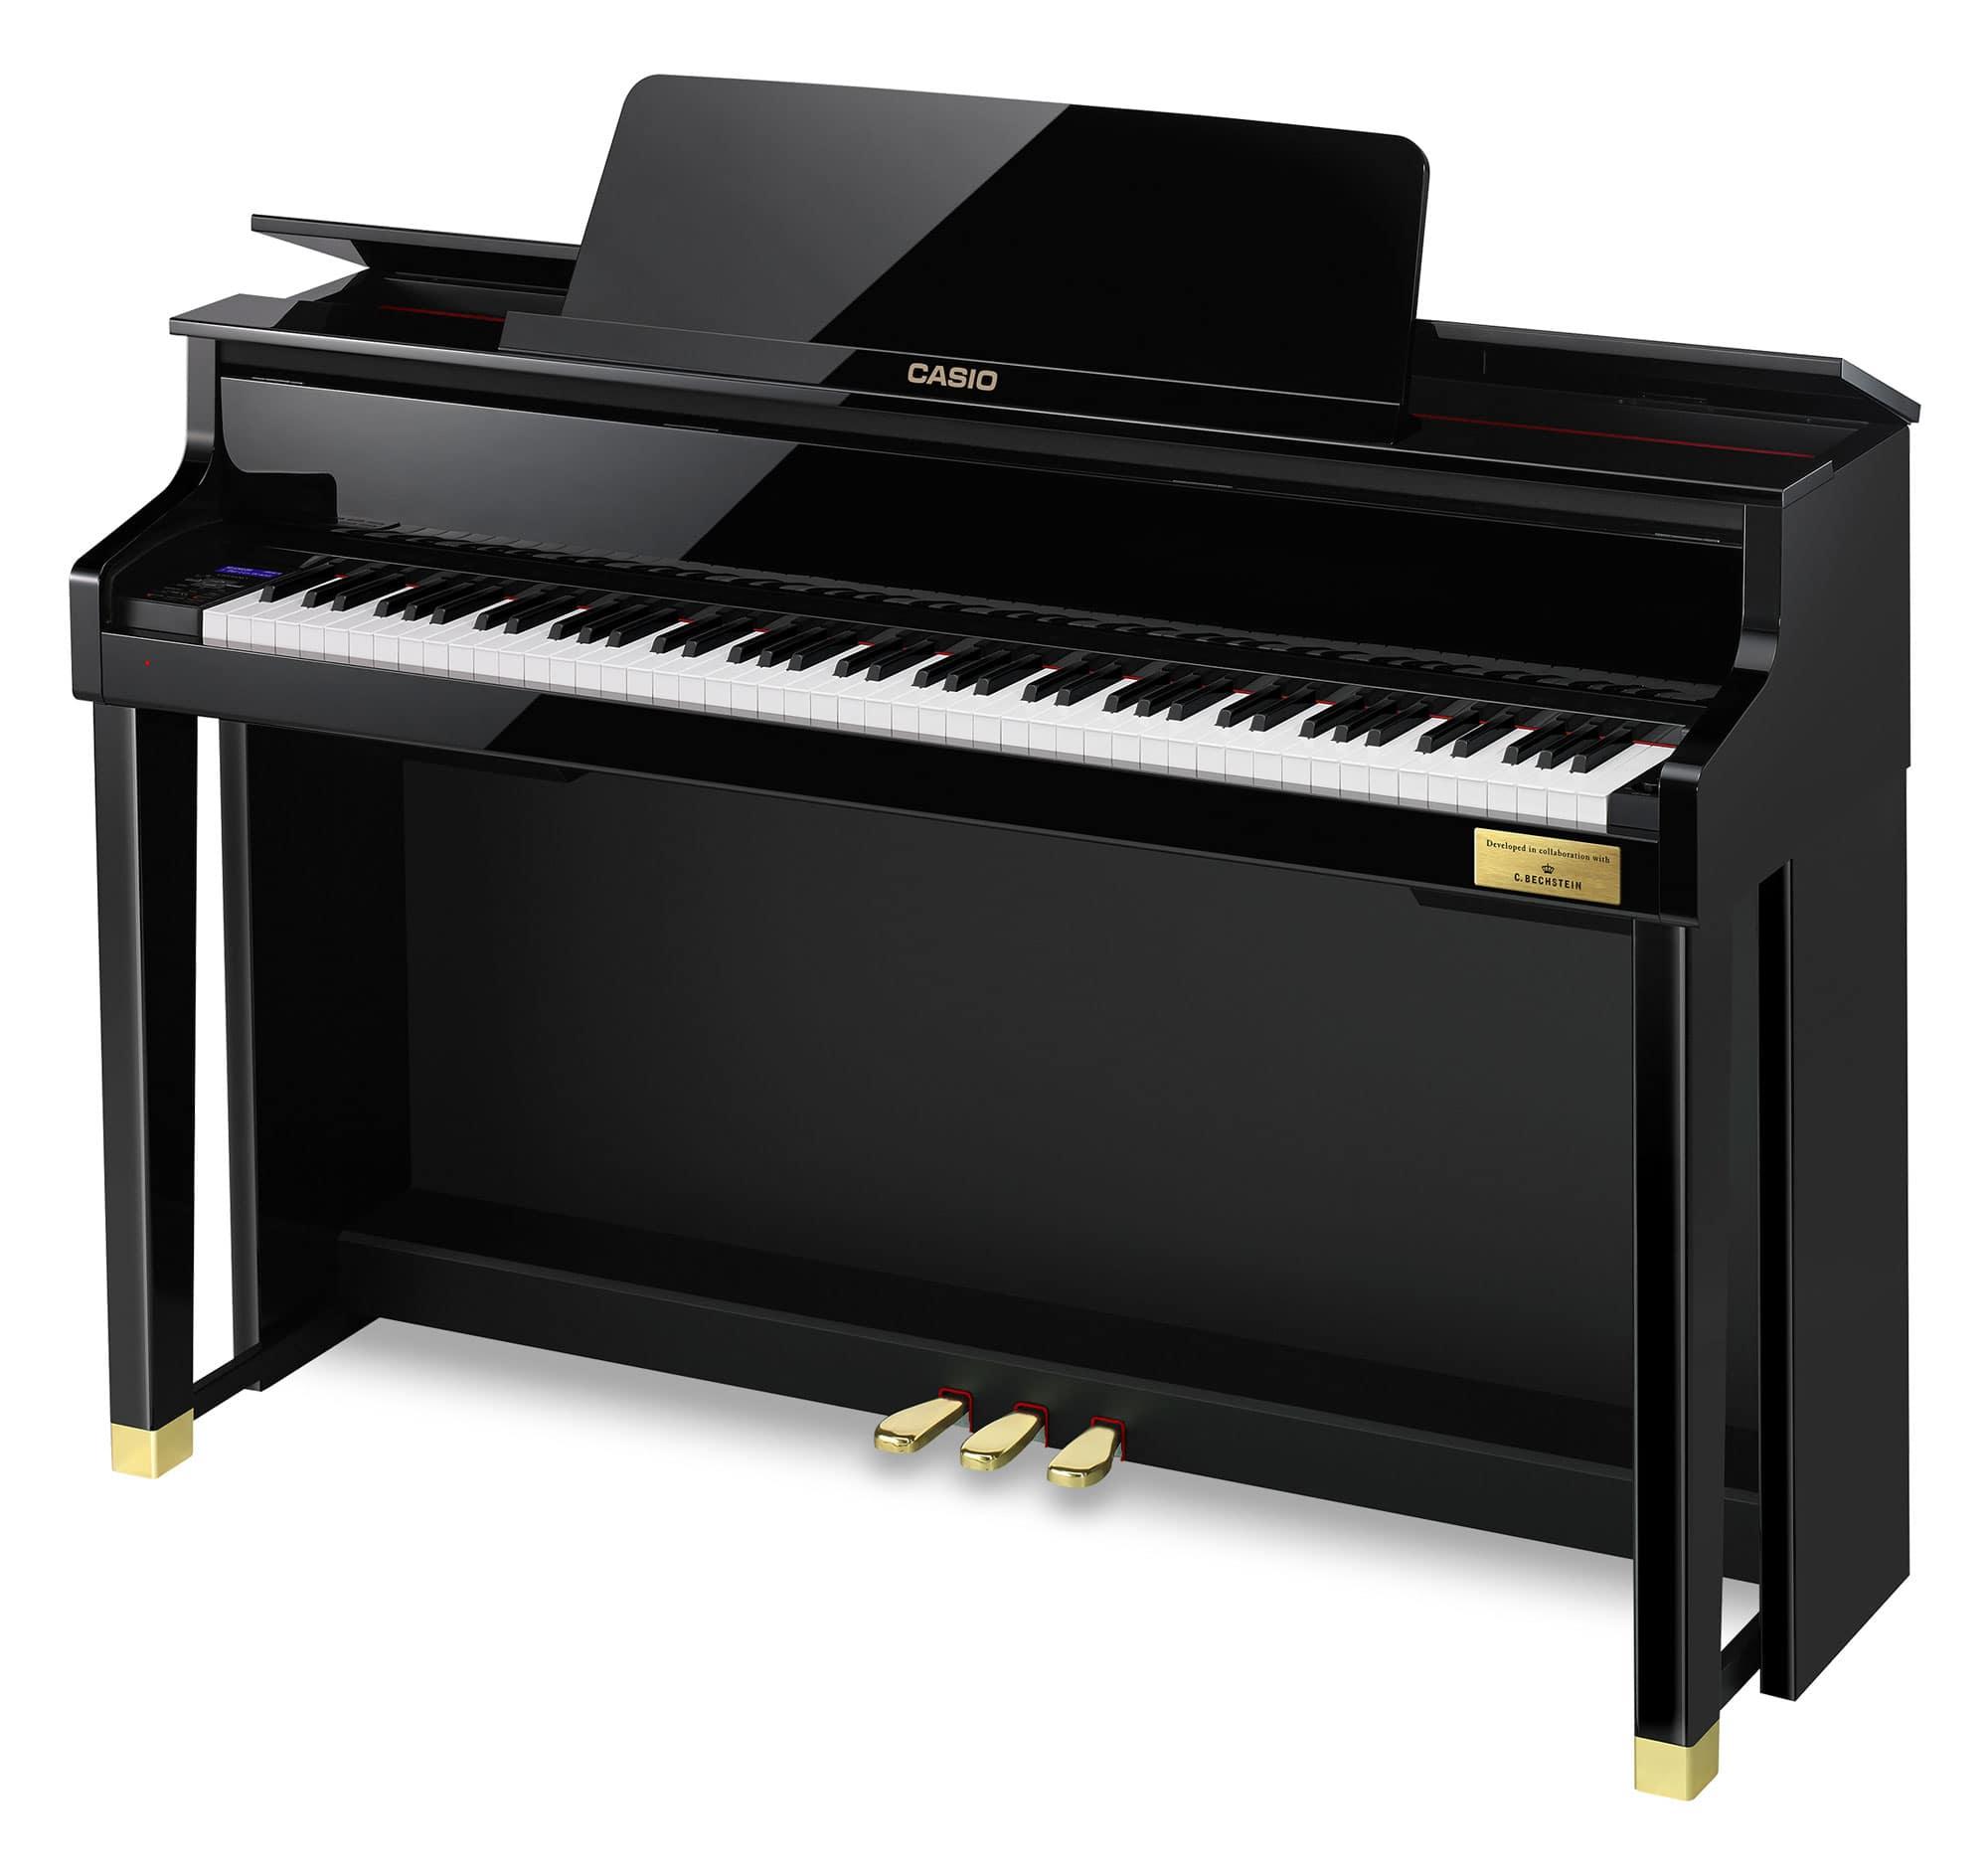 Digitalpianos - Casio GP 510 Celviano Hybrid Digitalpiano schwarz Hochglanz - Onlineshop Musikhaus Kirstein